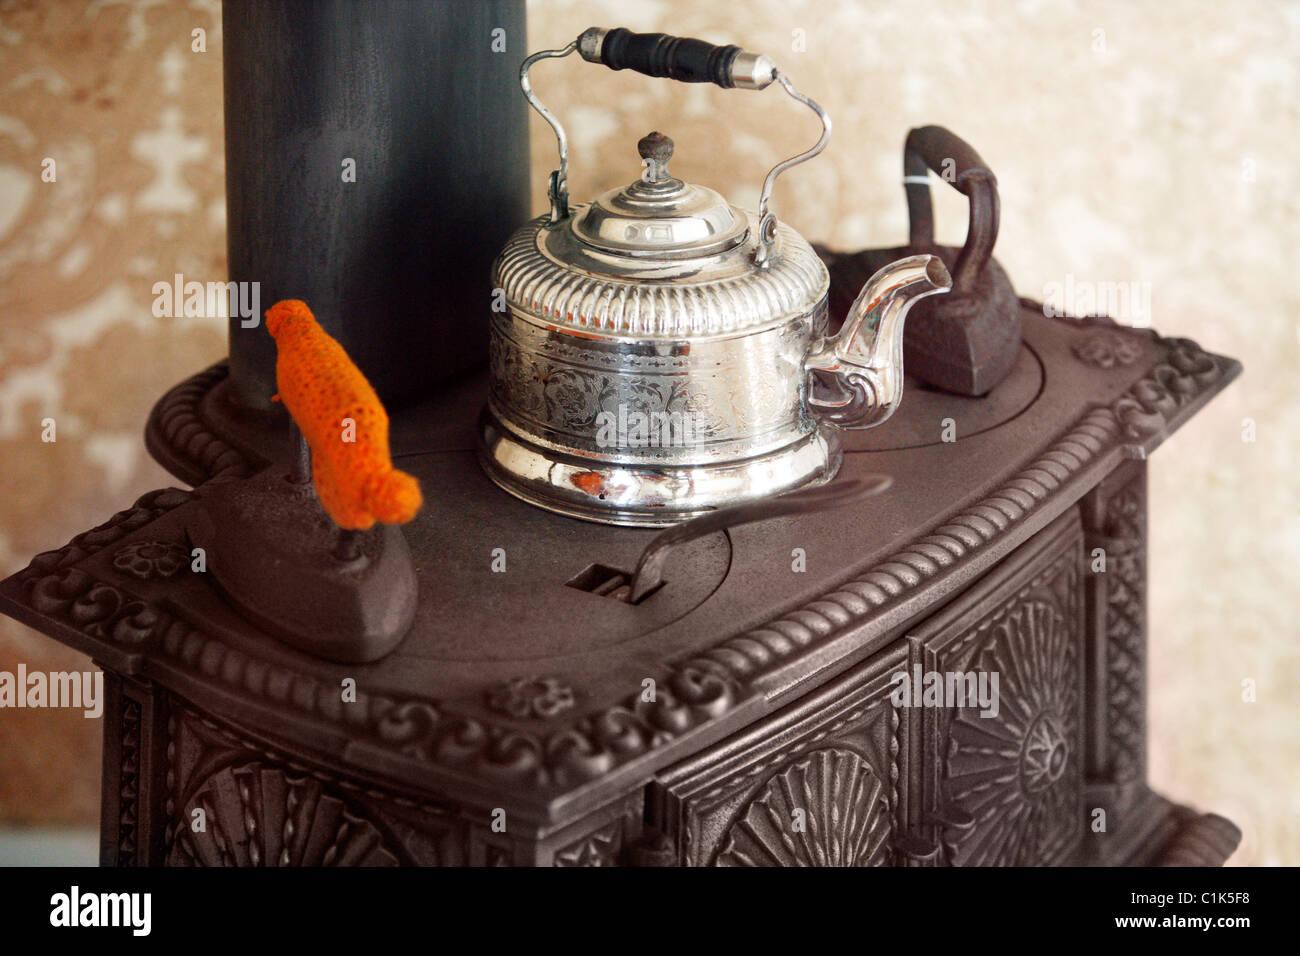 Eine Antike Gusseisen Ofen Mit Einer Teekanne Und Antik Eisen